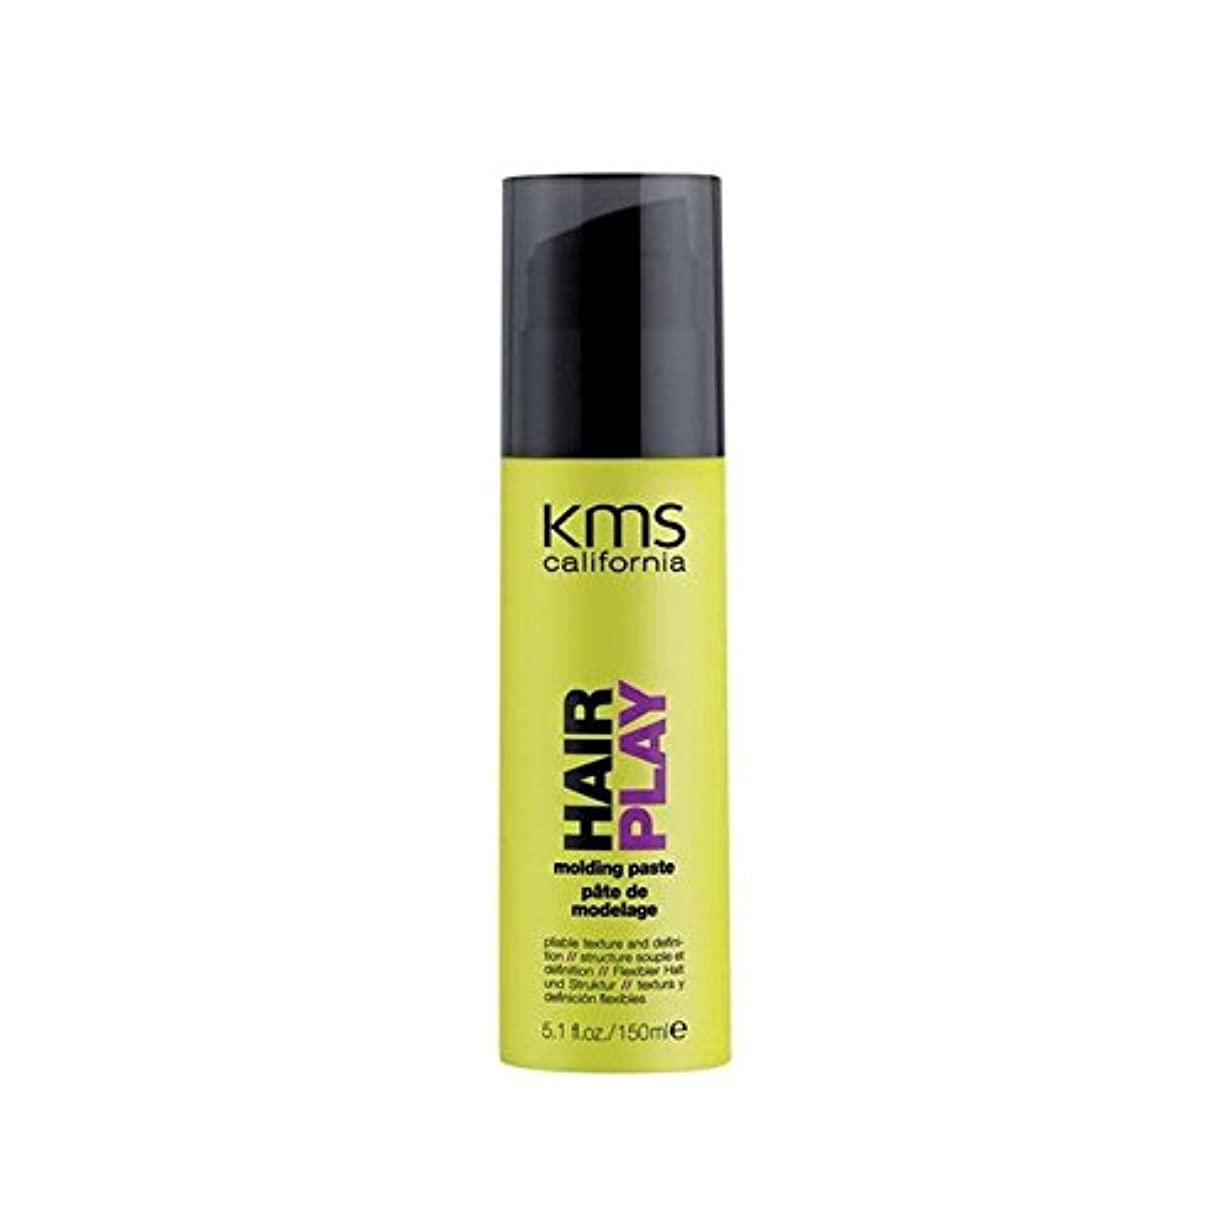 極貧ハンディキャップトーナメントカリフォルニア成形ペースト(150ミリリットル) x2 - Kms California Hairplay Molding Paste (150ml) (Pack of 2) [並行輸入品]